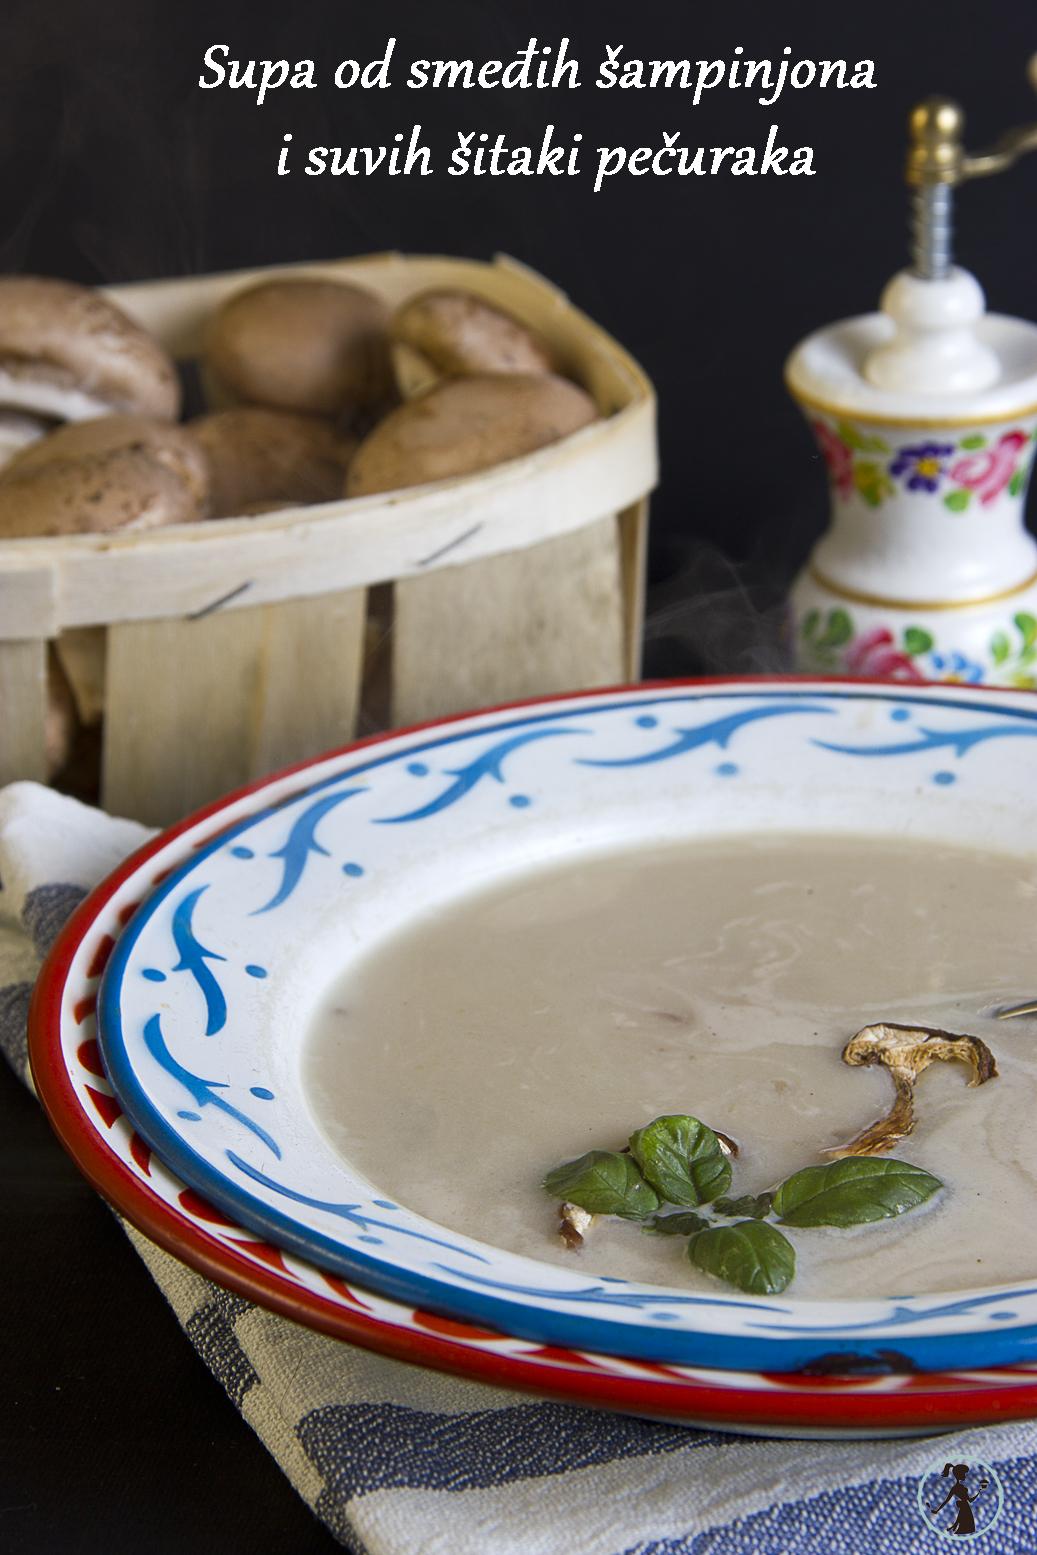 Supa od pečuraka